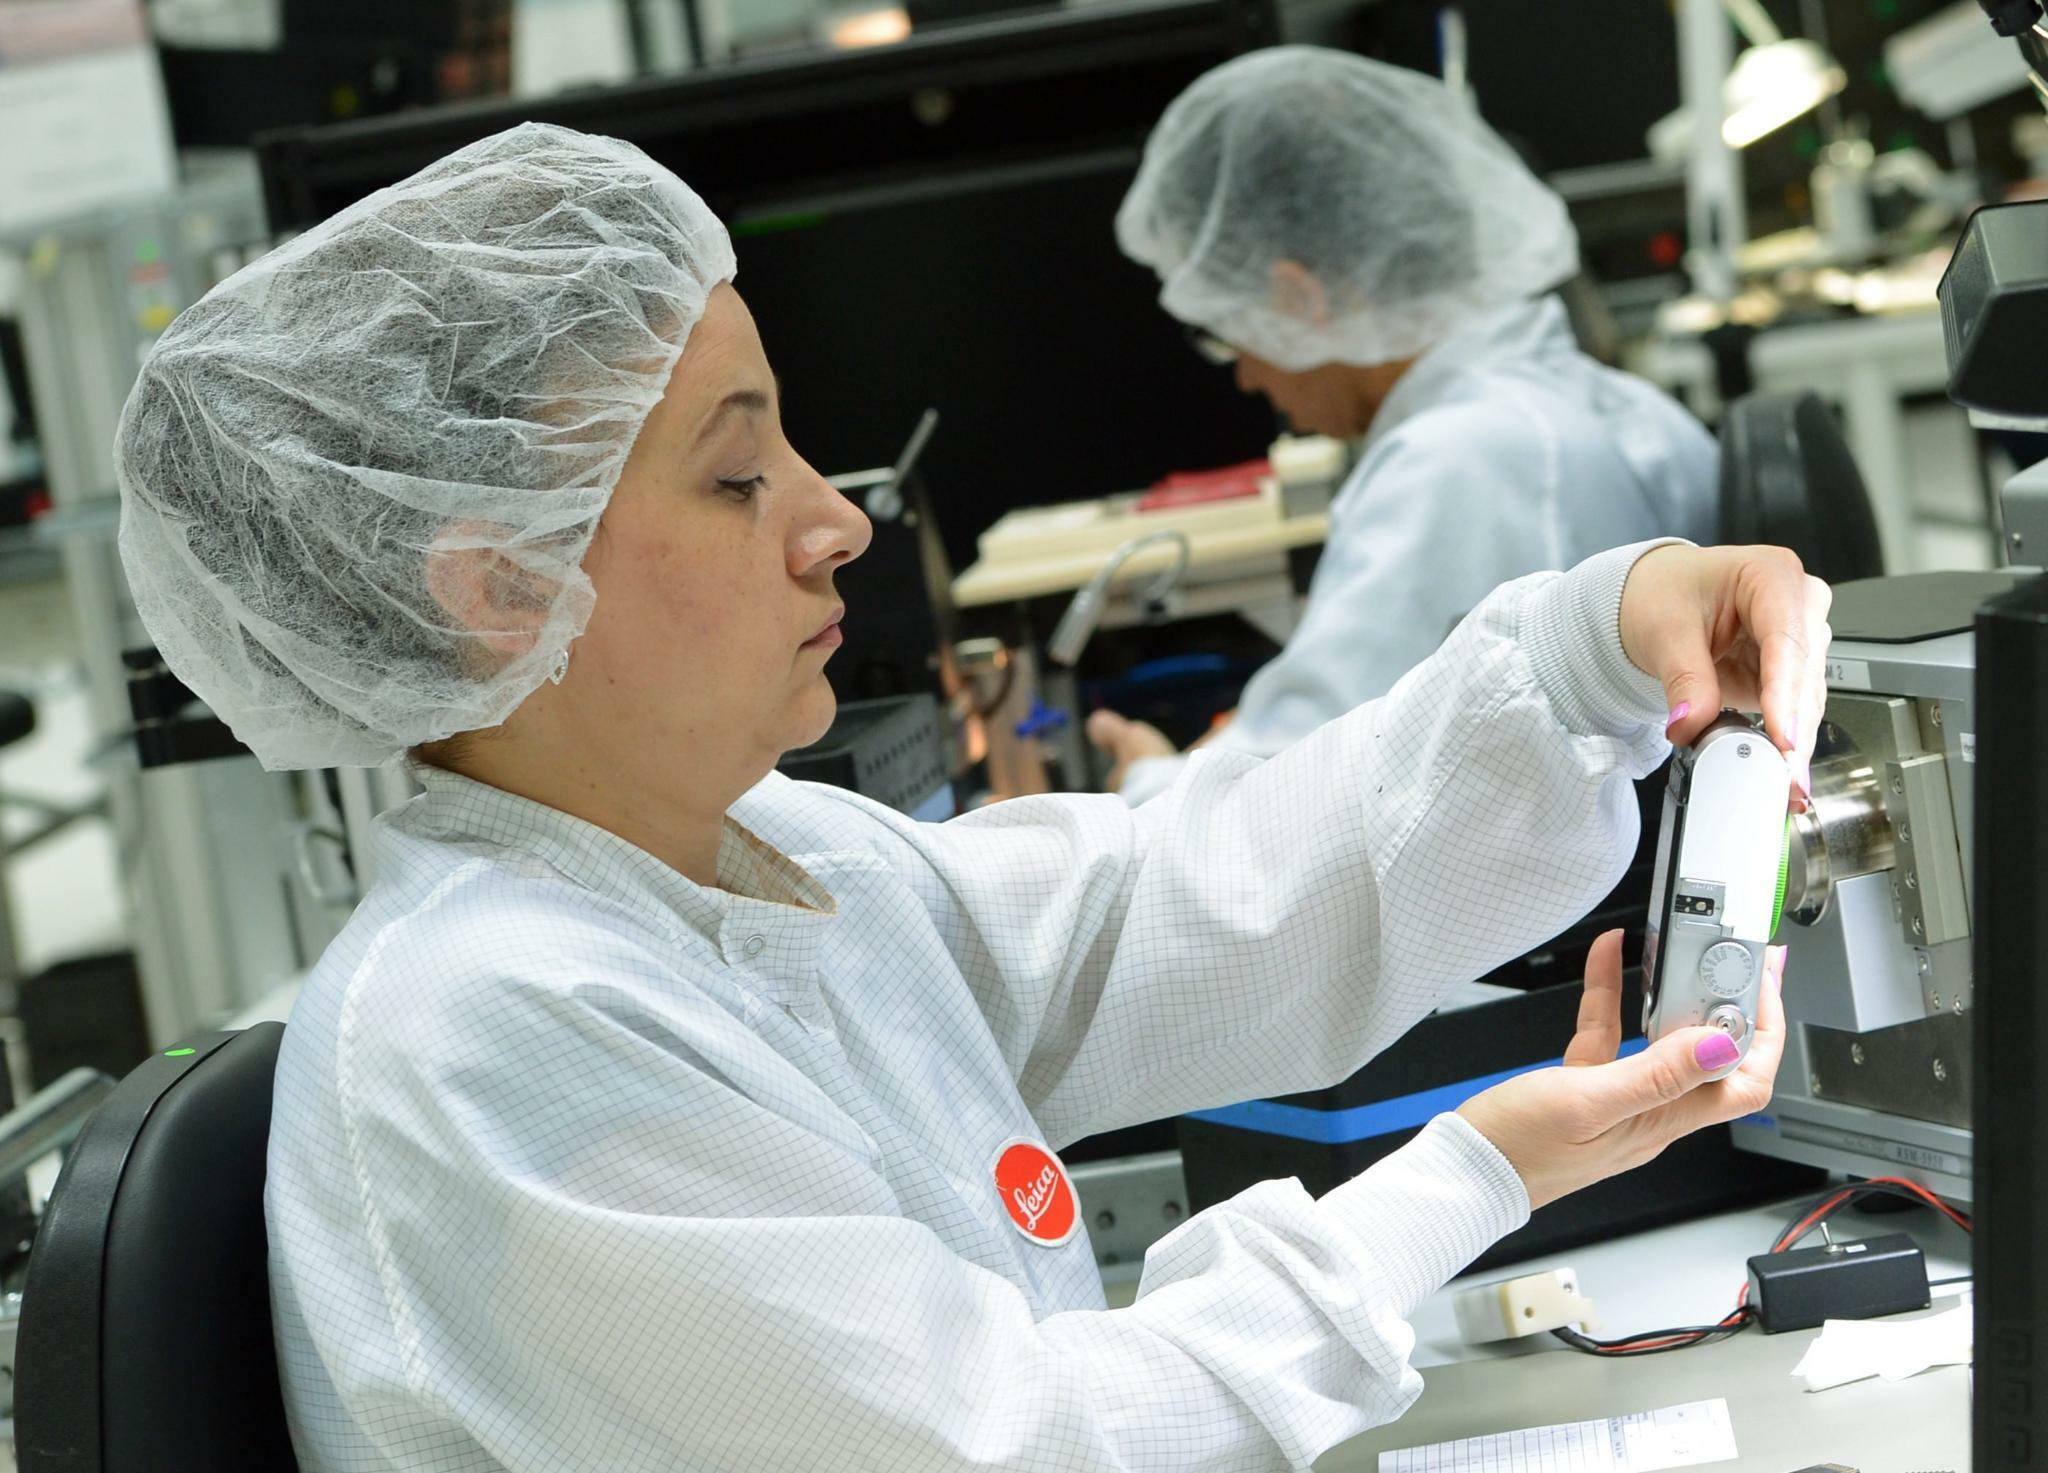 Umbruch in der Foto-Industrie: Kamerahersteller Leica baut 80 Stellen ab